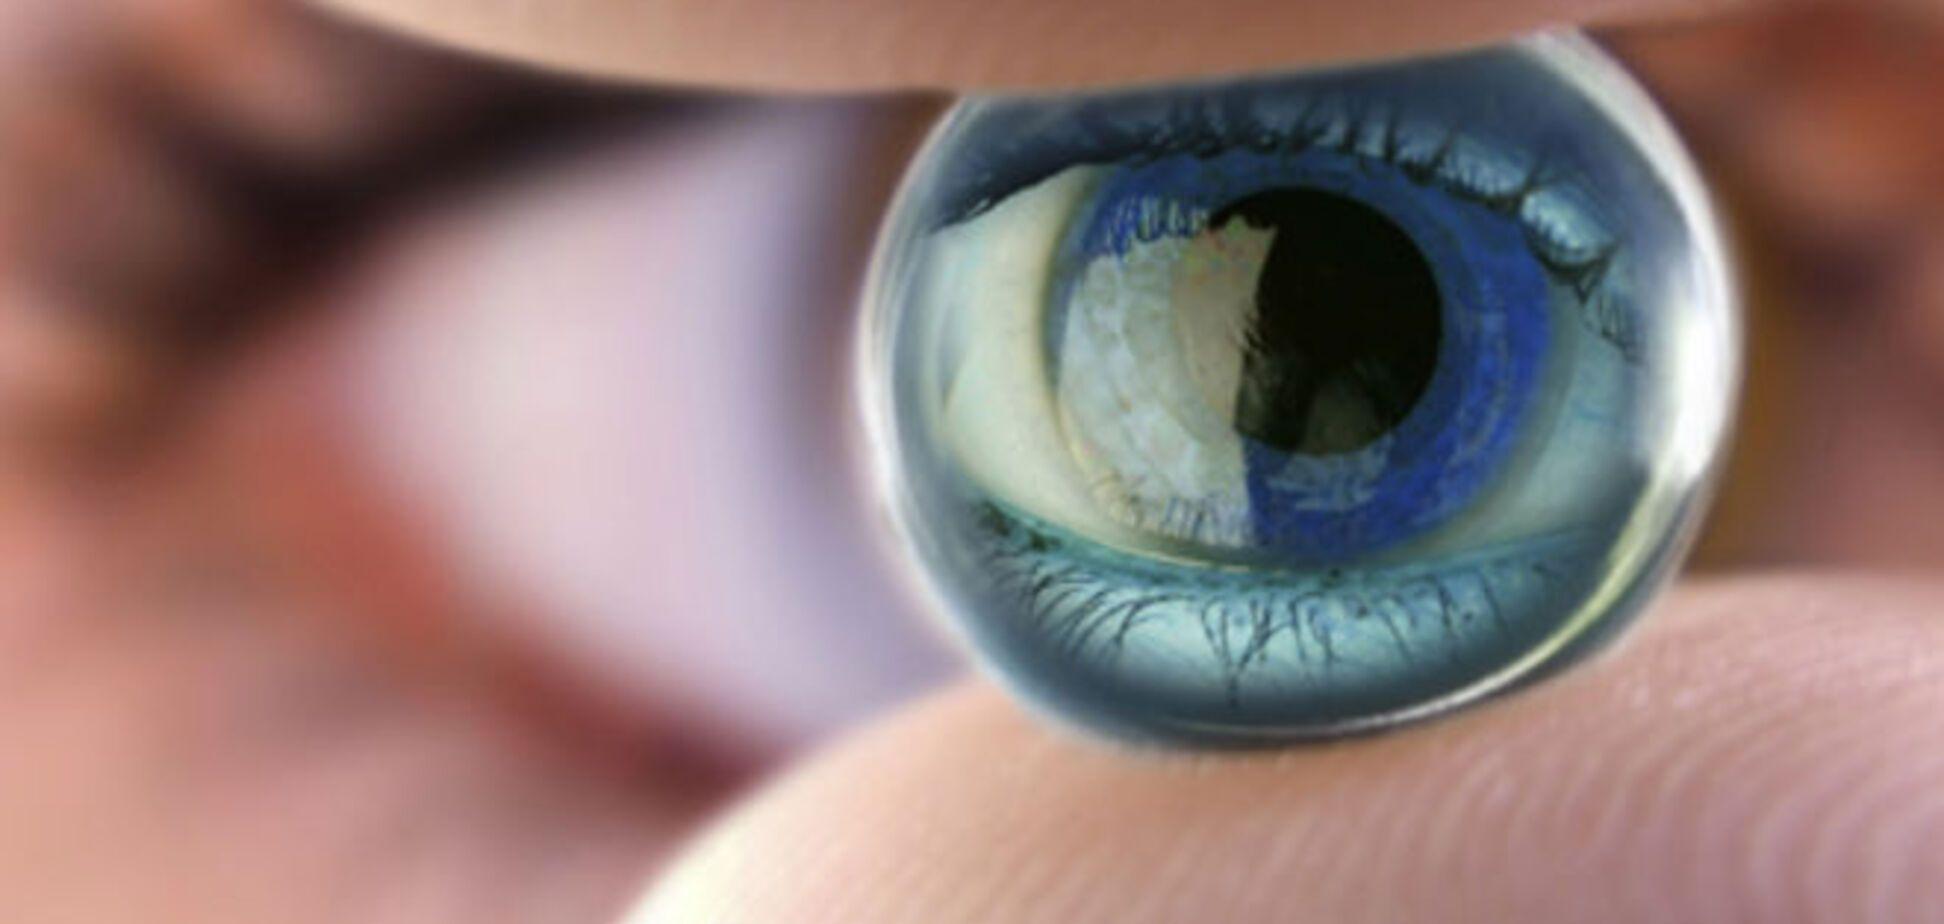 Новое поколение оптики высокой четкости: как выбрать линзы